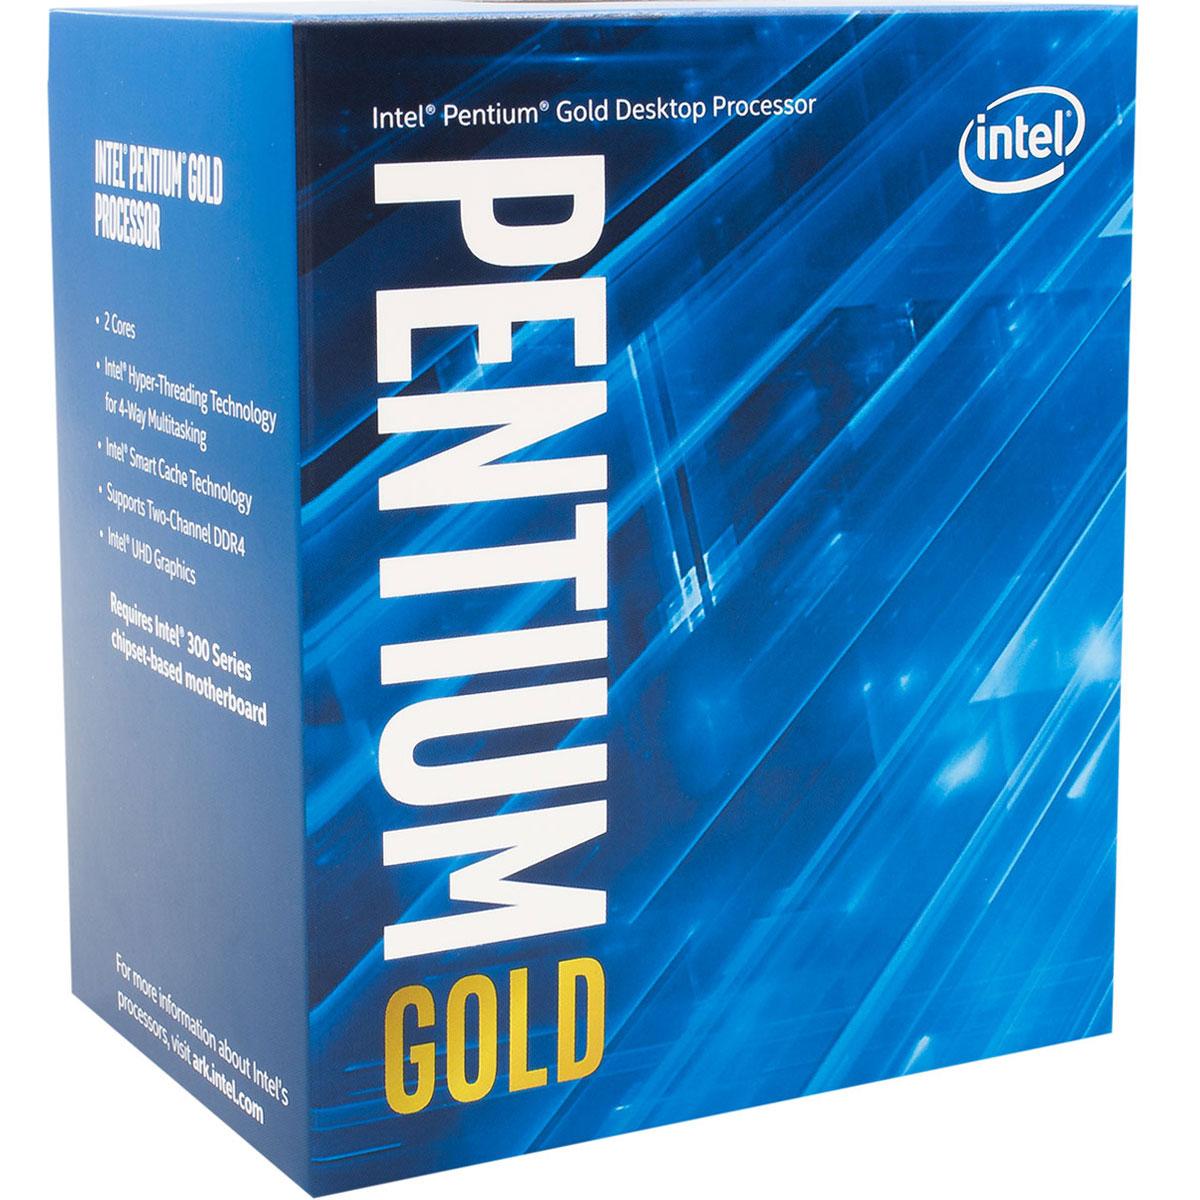 Processeur Intel Pentium Gold G5400 (3.7 GHz) Processeur Dual Core Socket 1151 Cache L3 4 Mo Intel UHD Graphics 610 0.014 micron (version boîte - garantie Intel 3 ans)